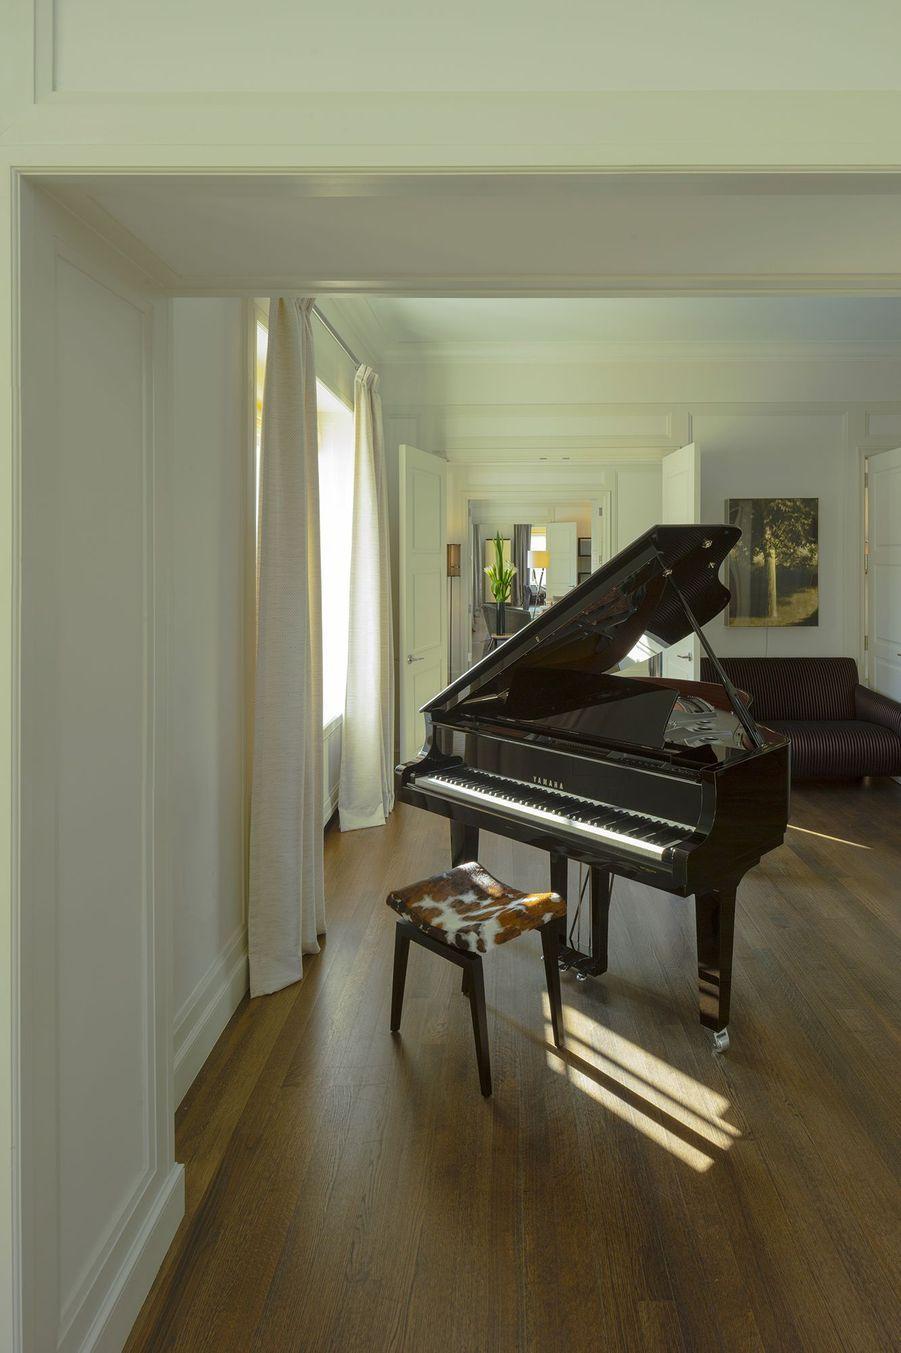 Un magnifique piano.